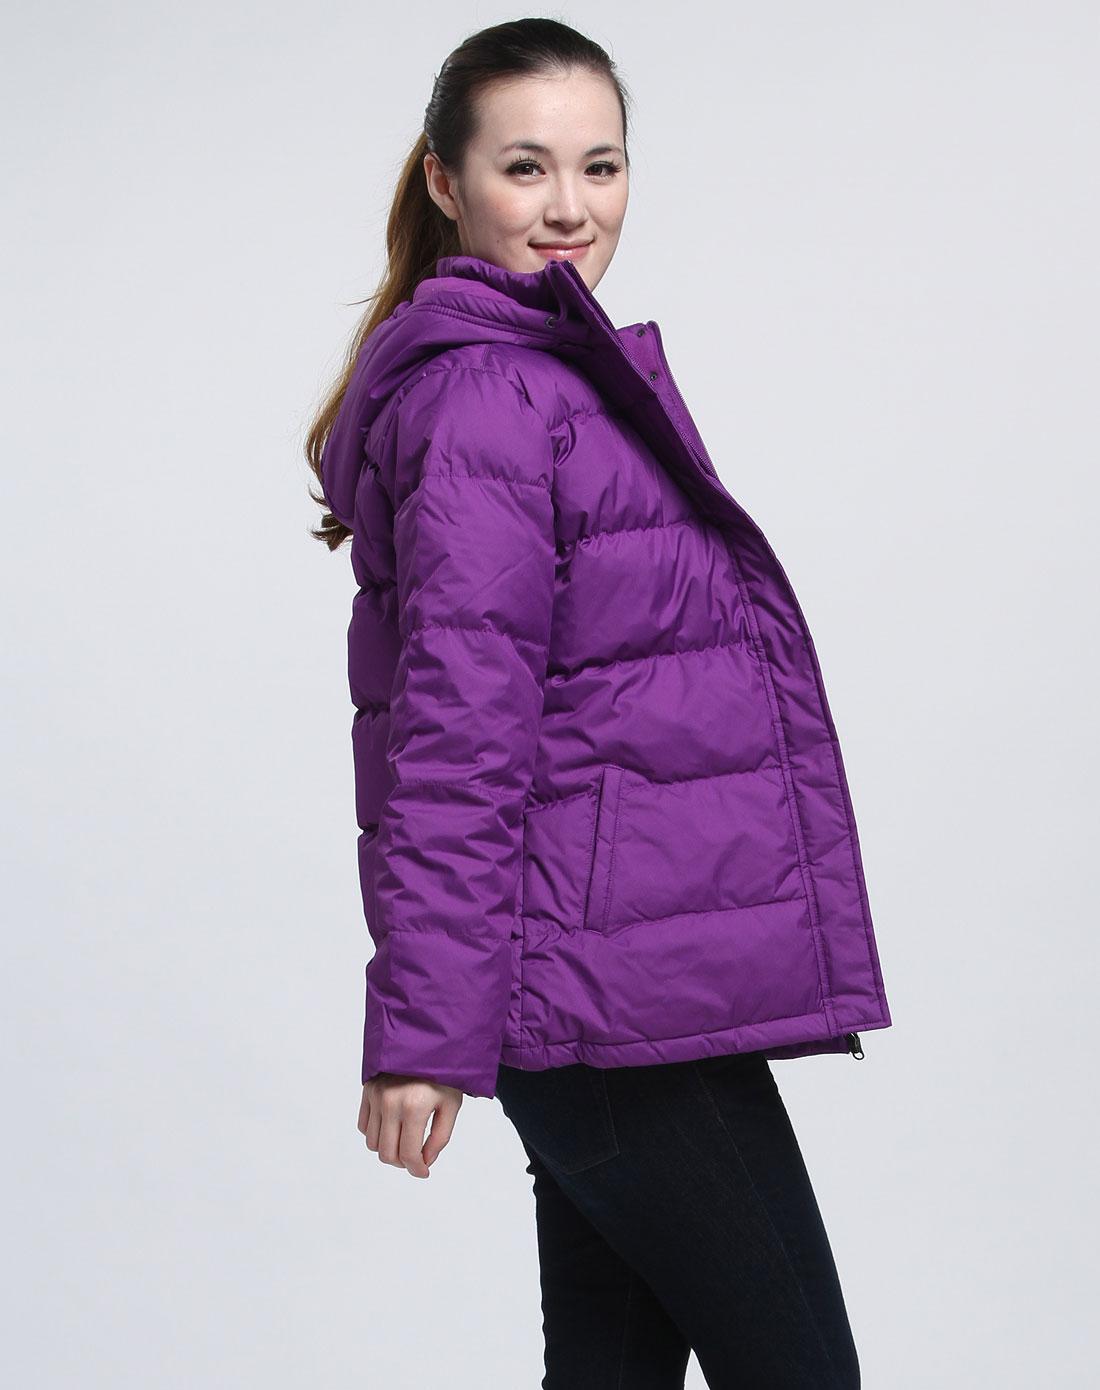 无袖深时尚长袖条纹羽绒服彩虹紫色女款连衣裙图片